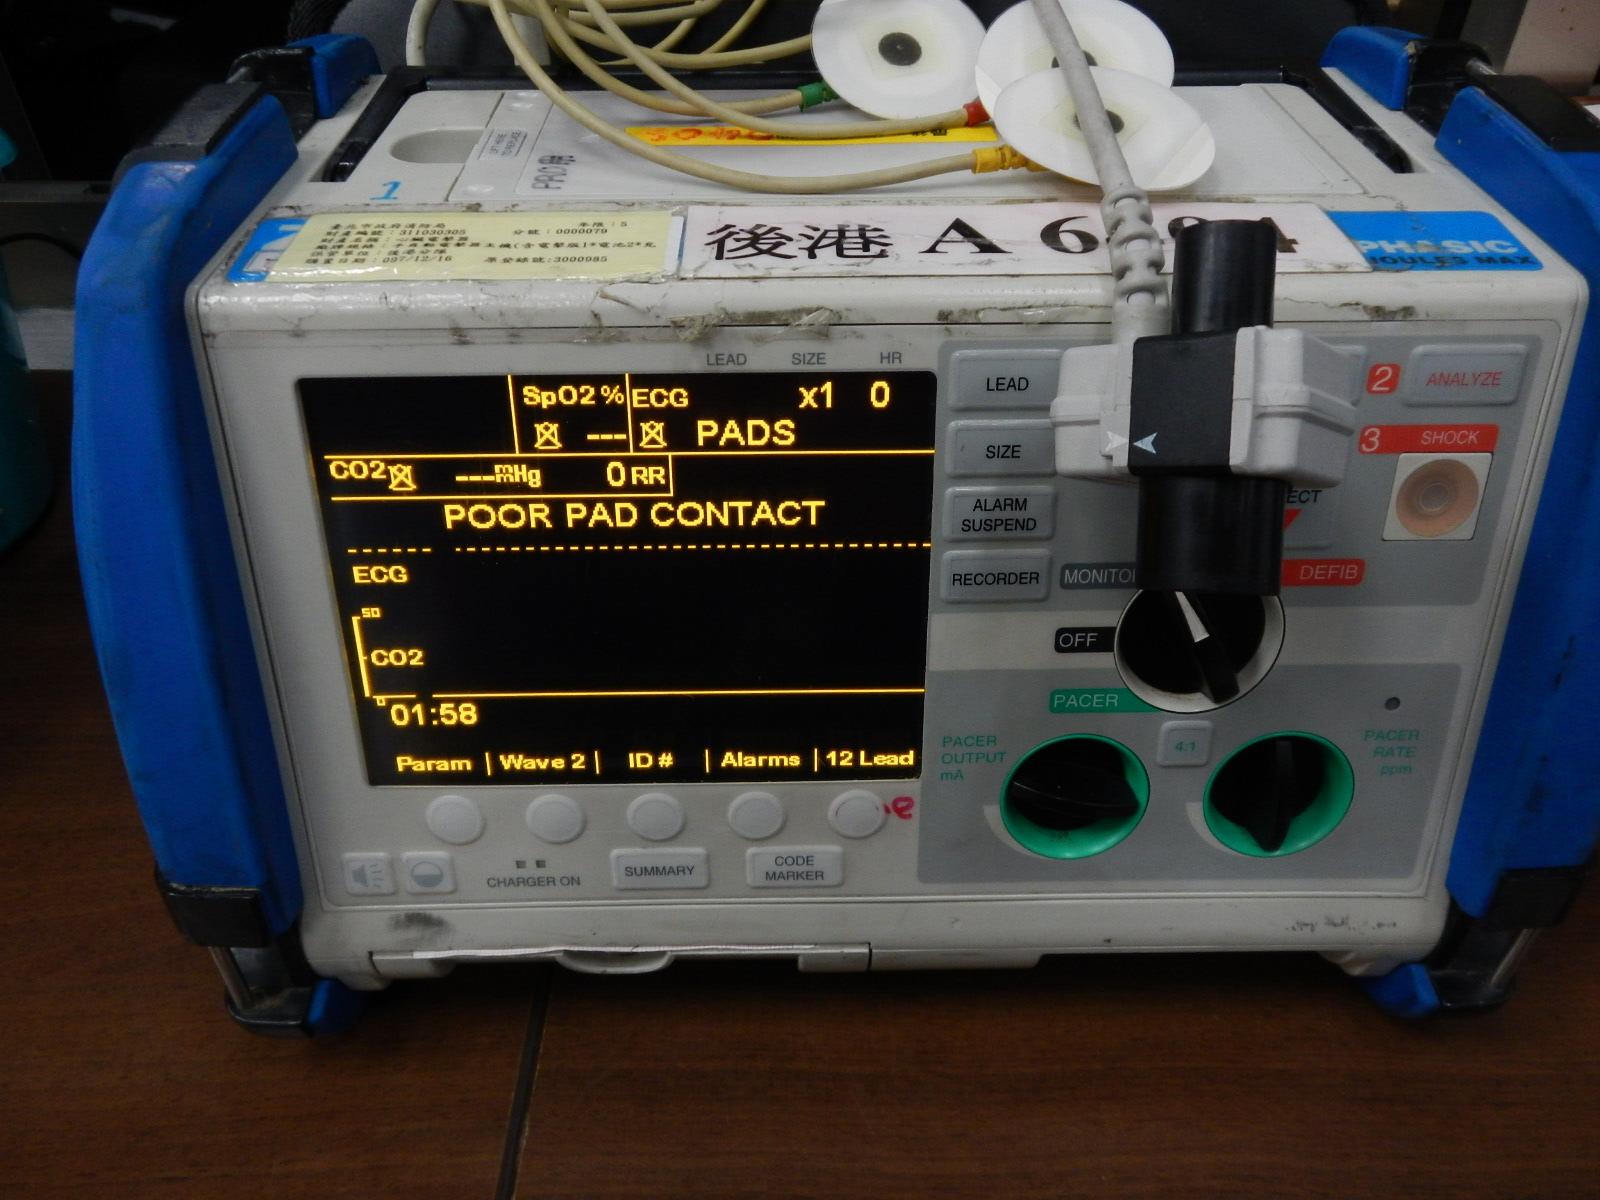 德祥雜記: 到院前呼吸道處理LMA使用--臺北市高級救護分隊潮氣末二氧化碳監測結果